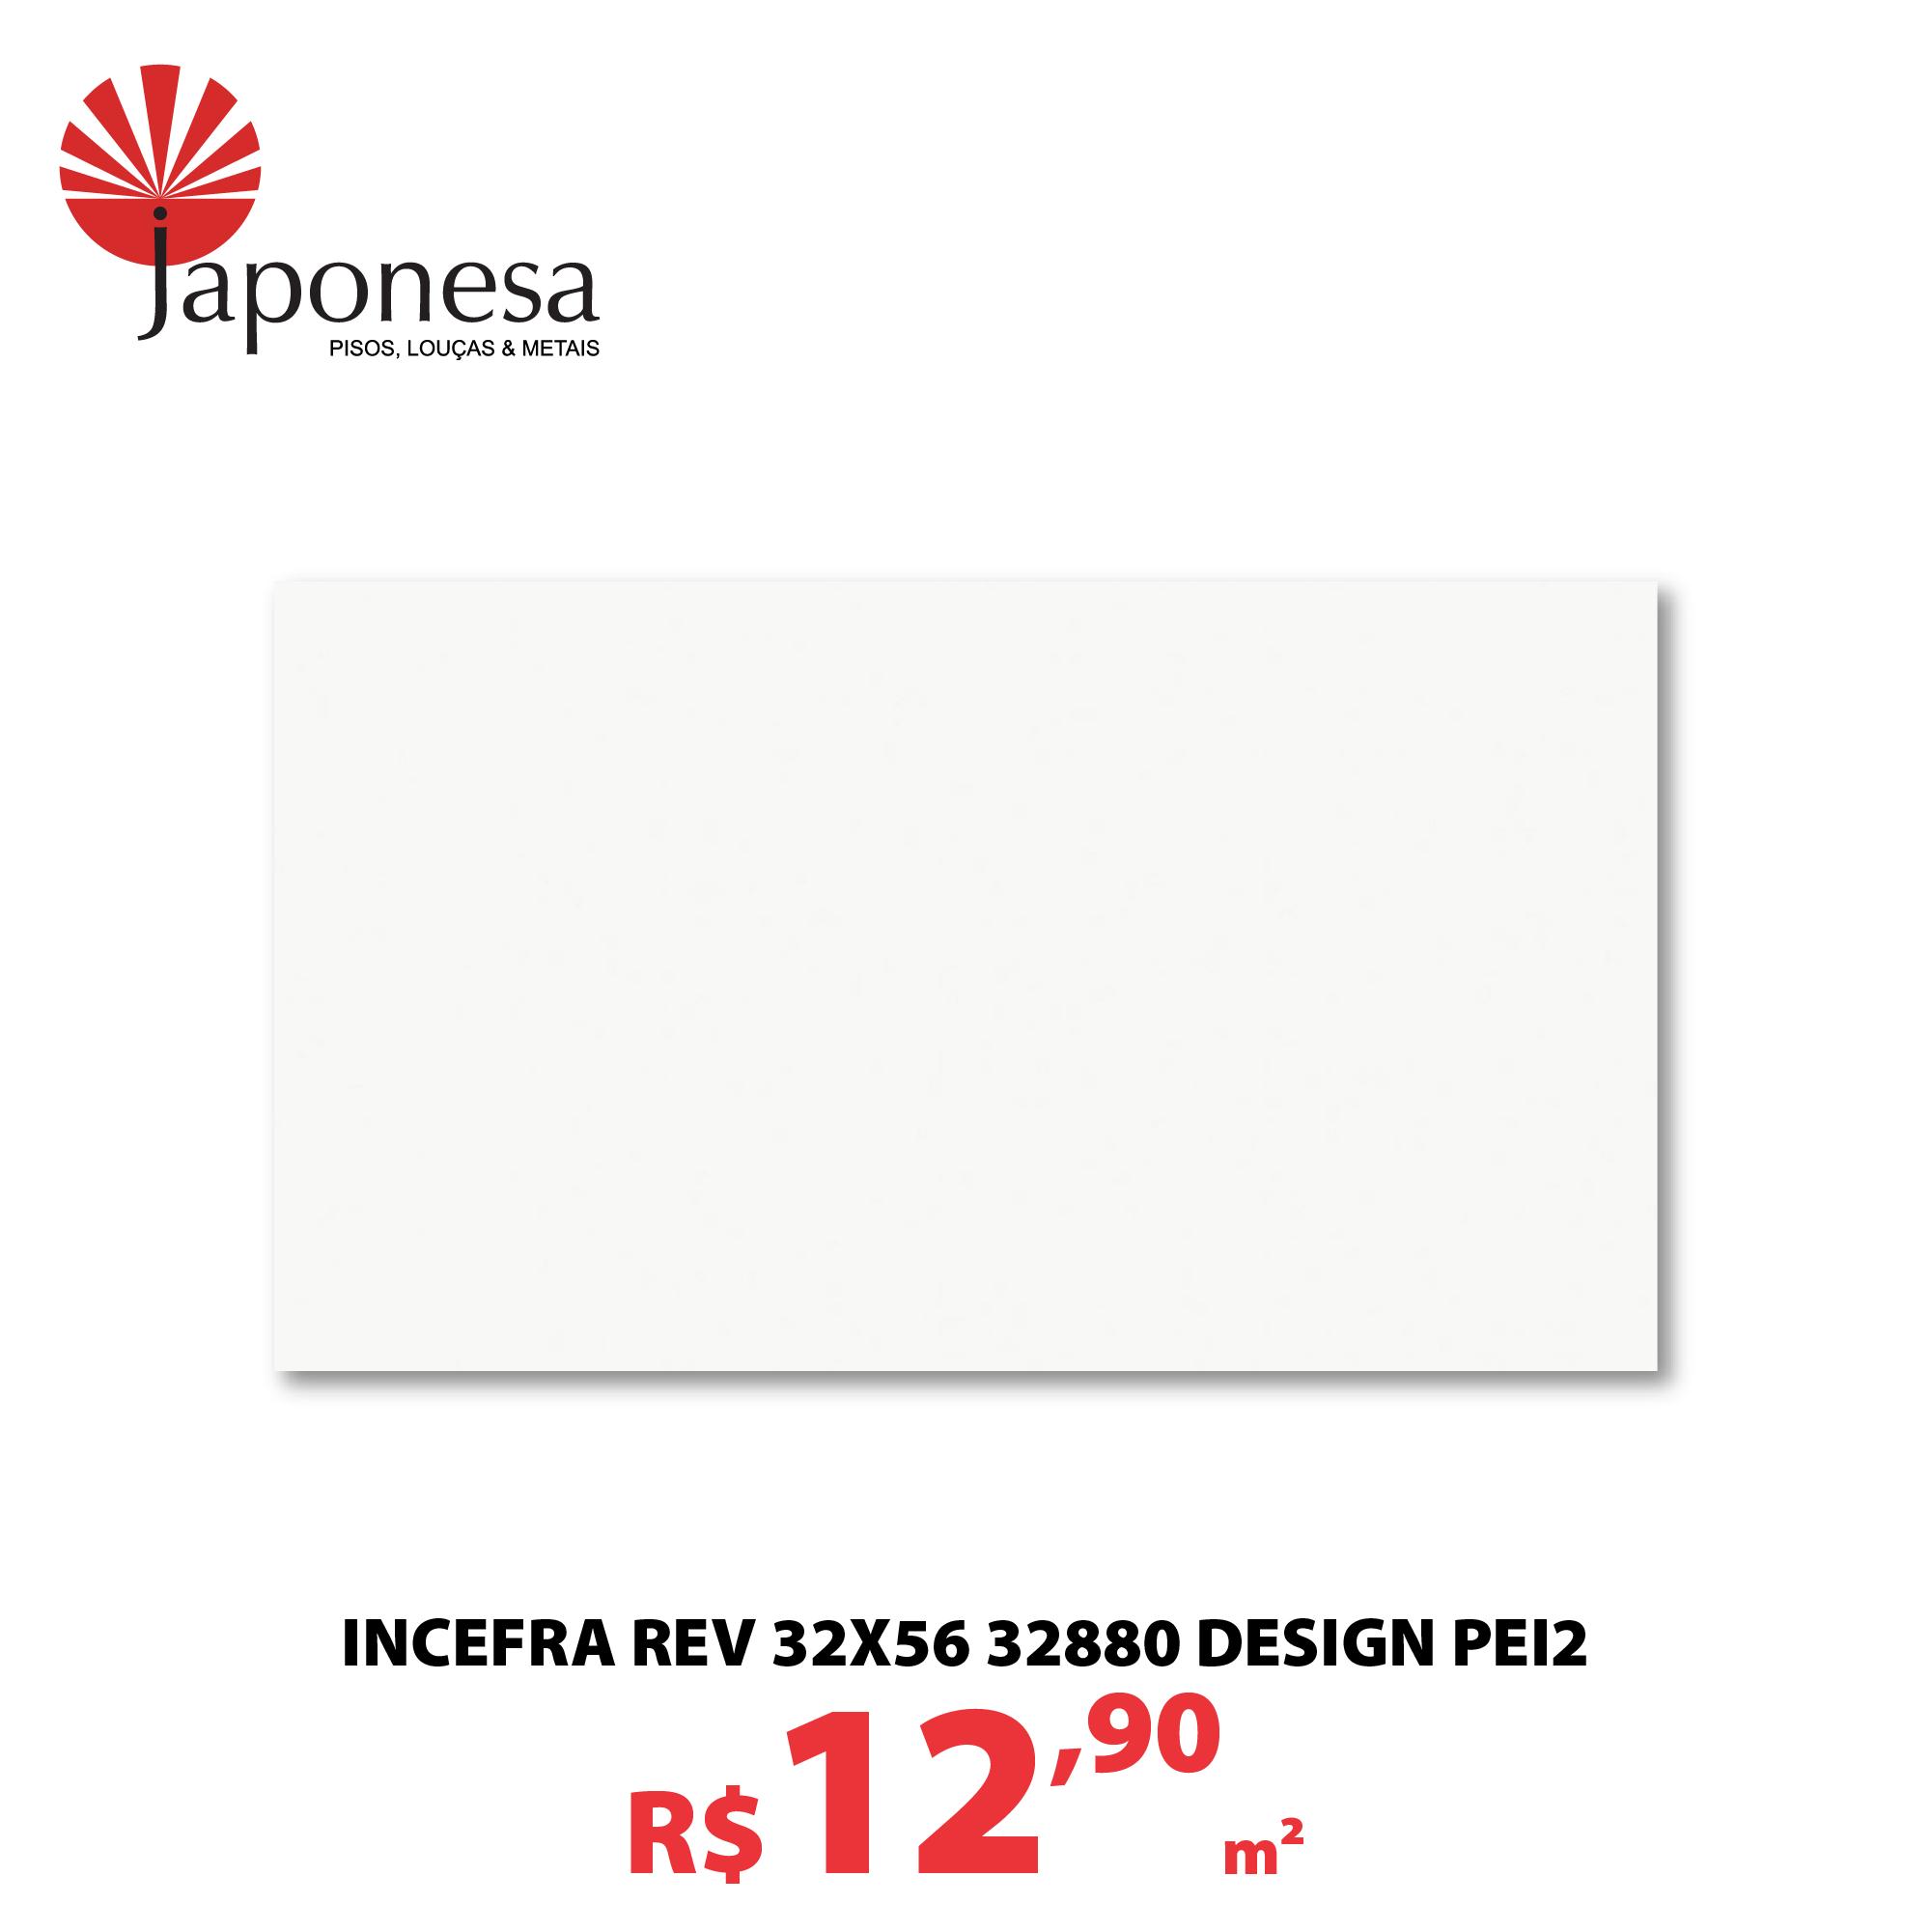 INCEFRA REV 32X56 32880 DESIGN PEI 2